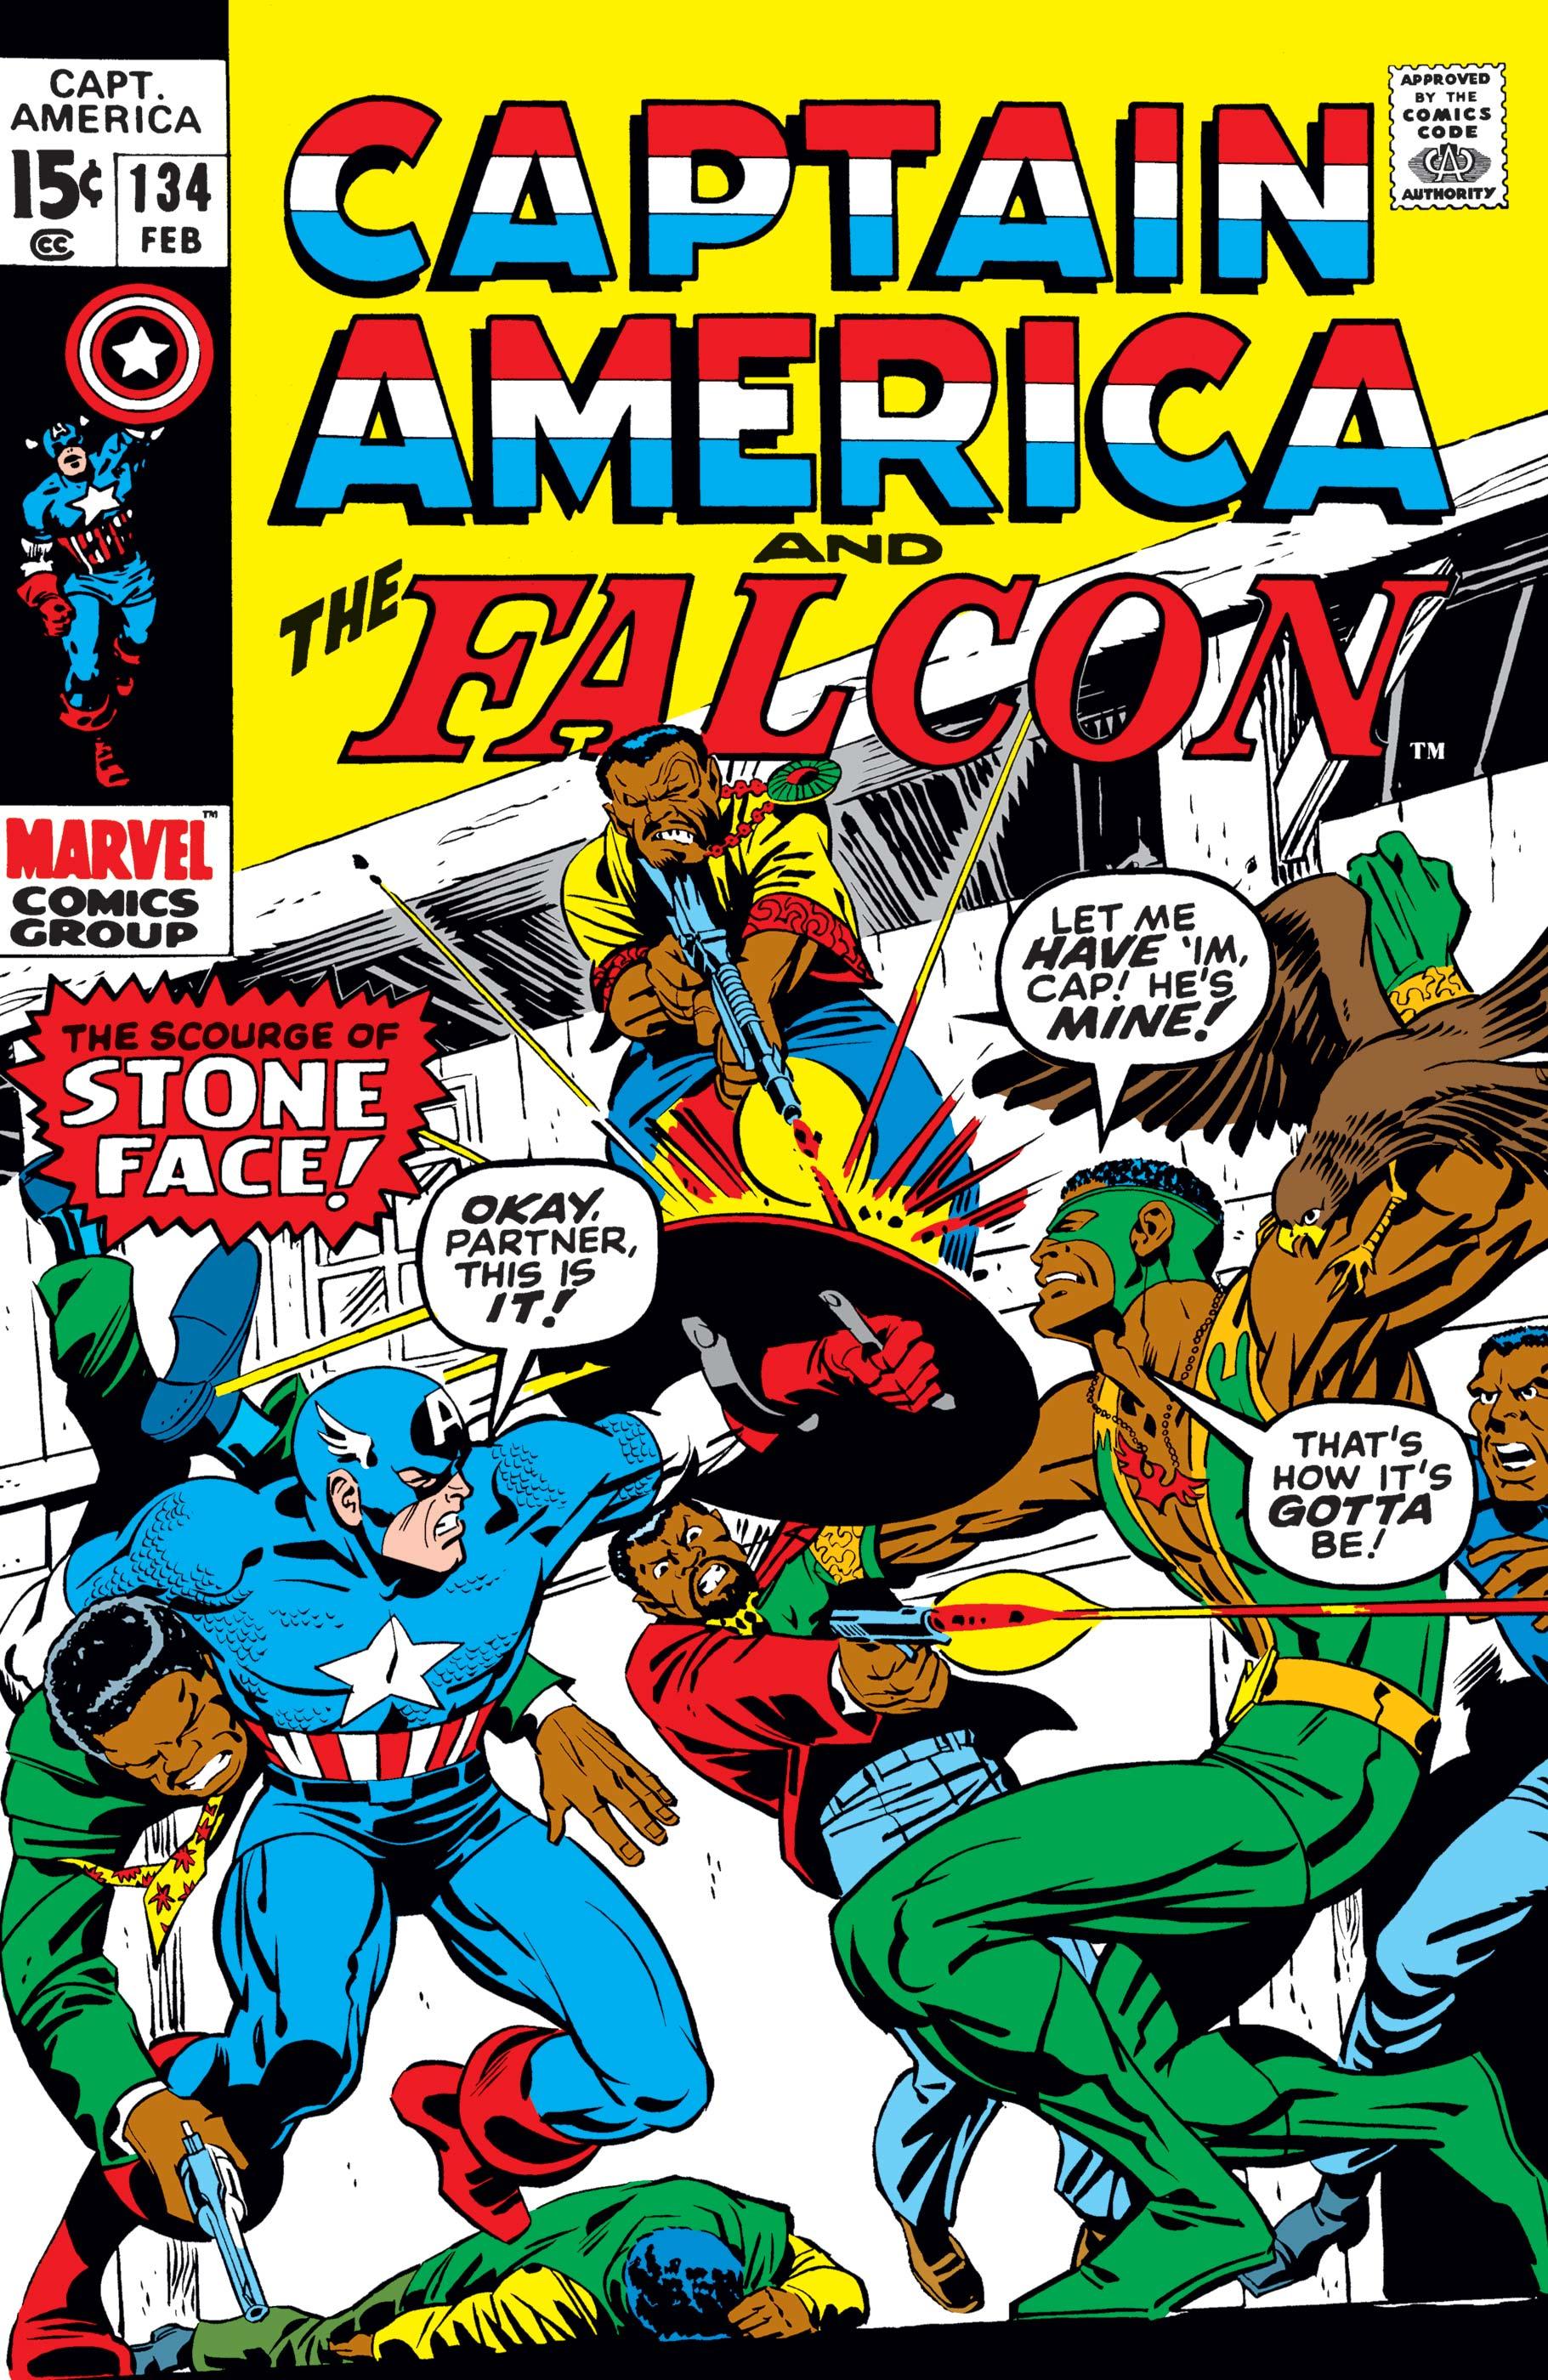 Captain America (1968) #134